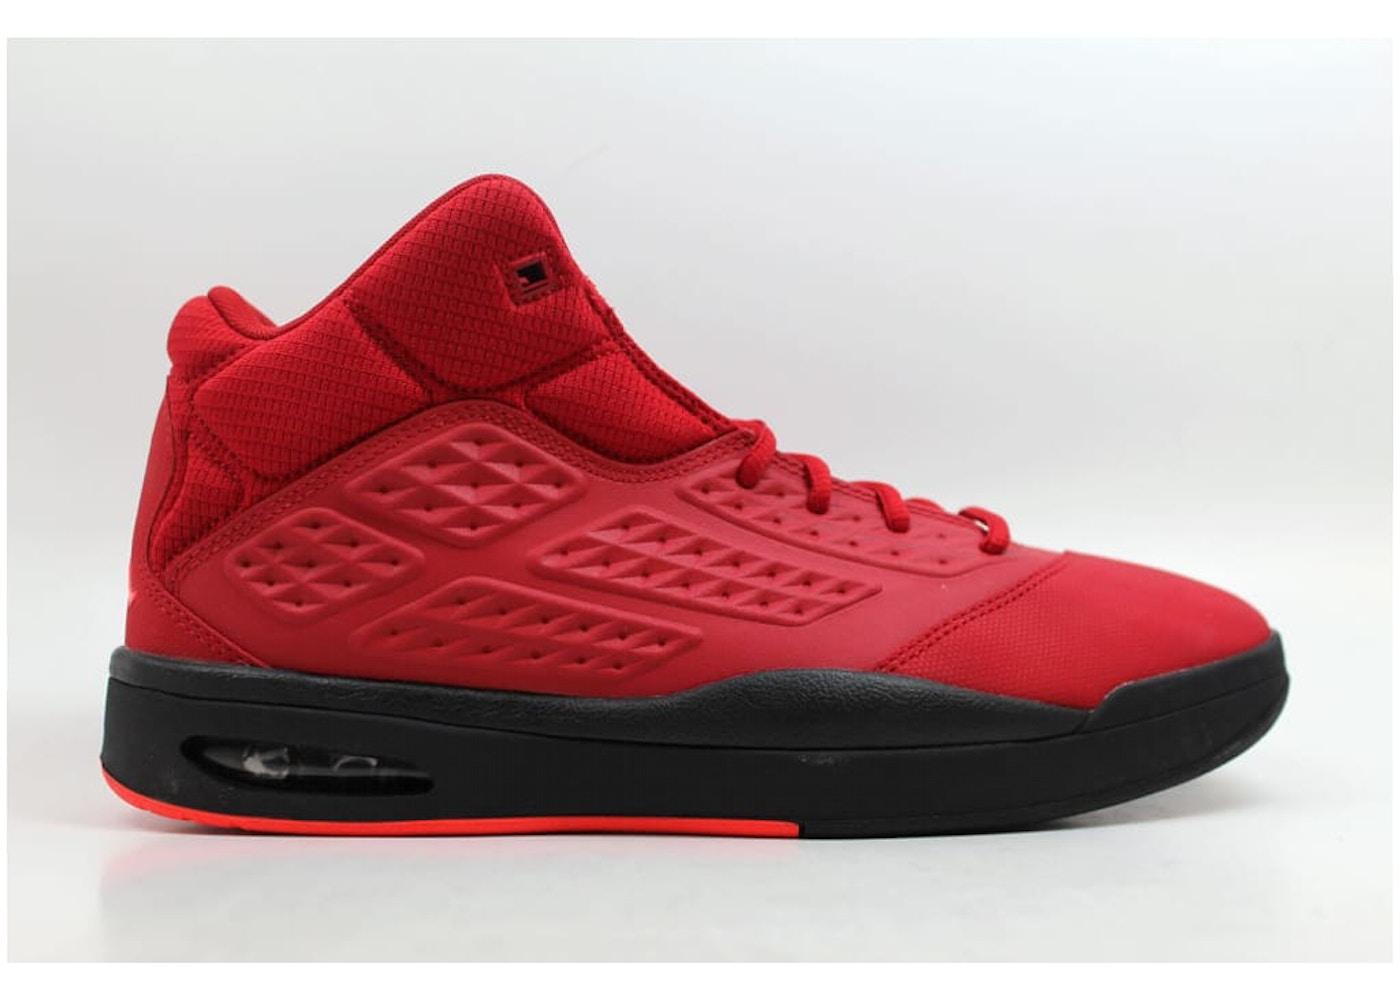 bardzo tanie amazonka informacje o wersji na Air Jordan New School Gym Red/Infrared 23-Black - 768901-623